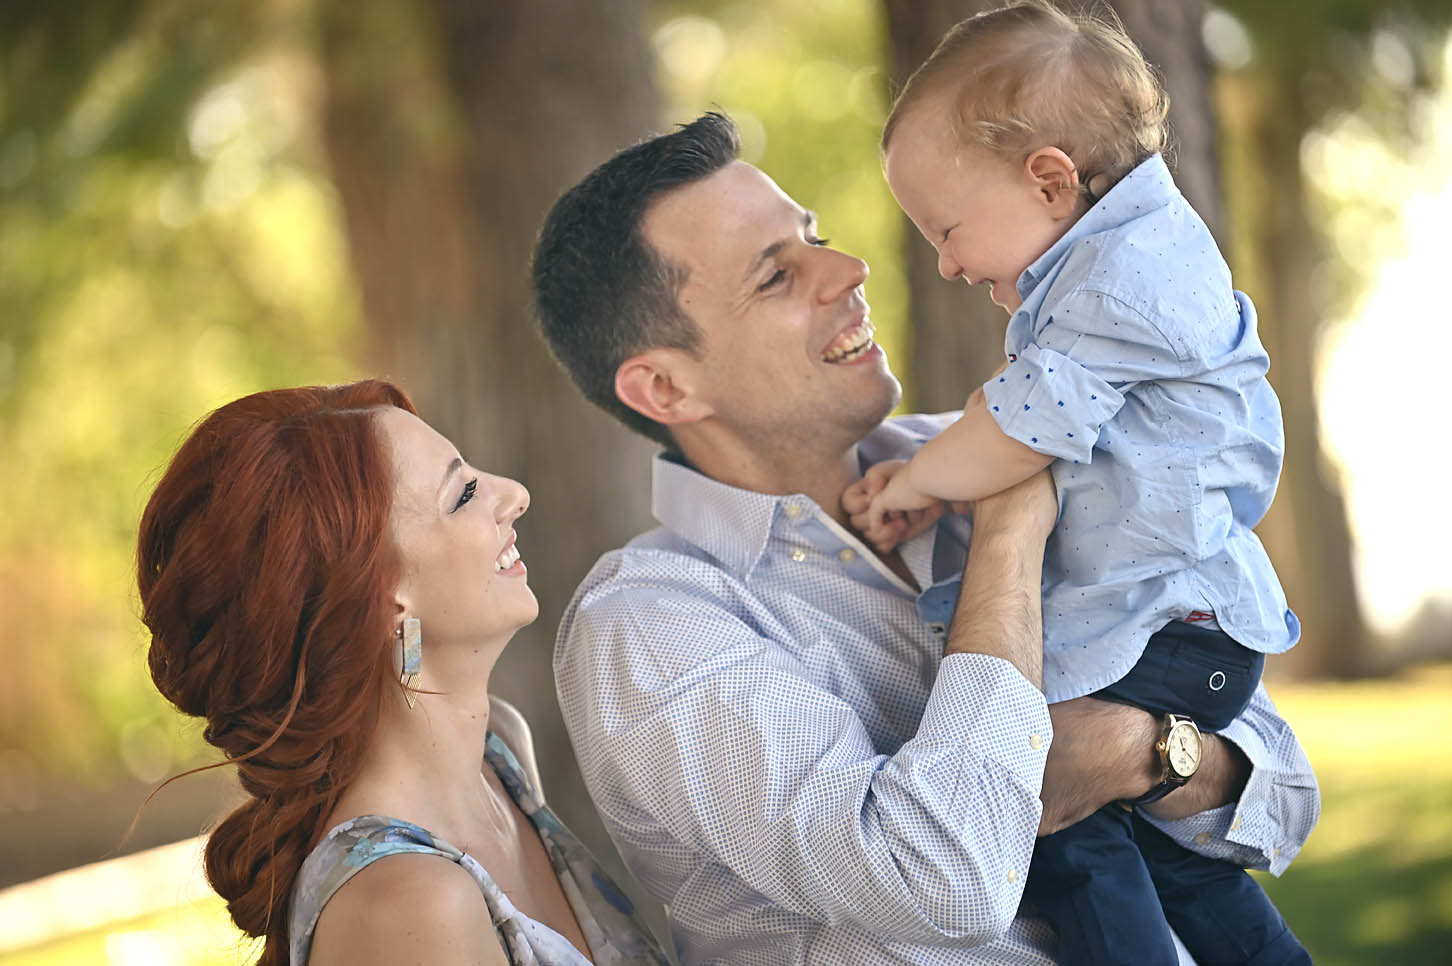 family-portraits-son -cry-family-potrtait-alexis-koumaditis-larissa